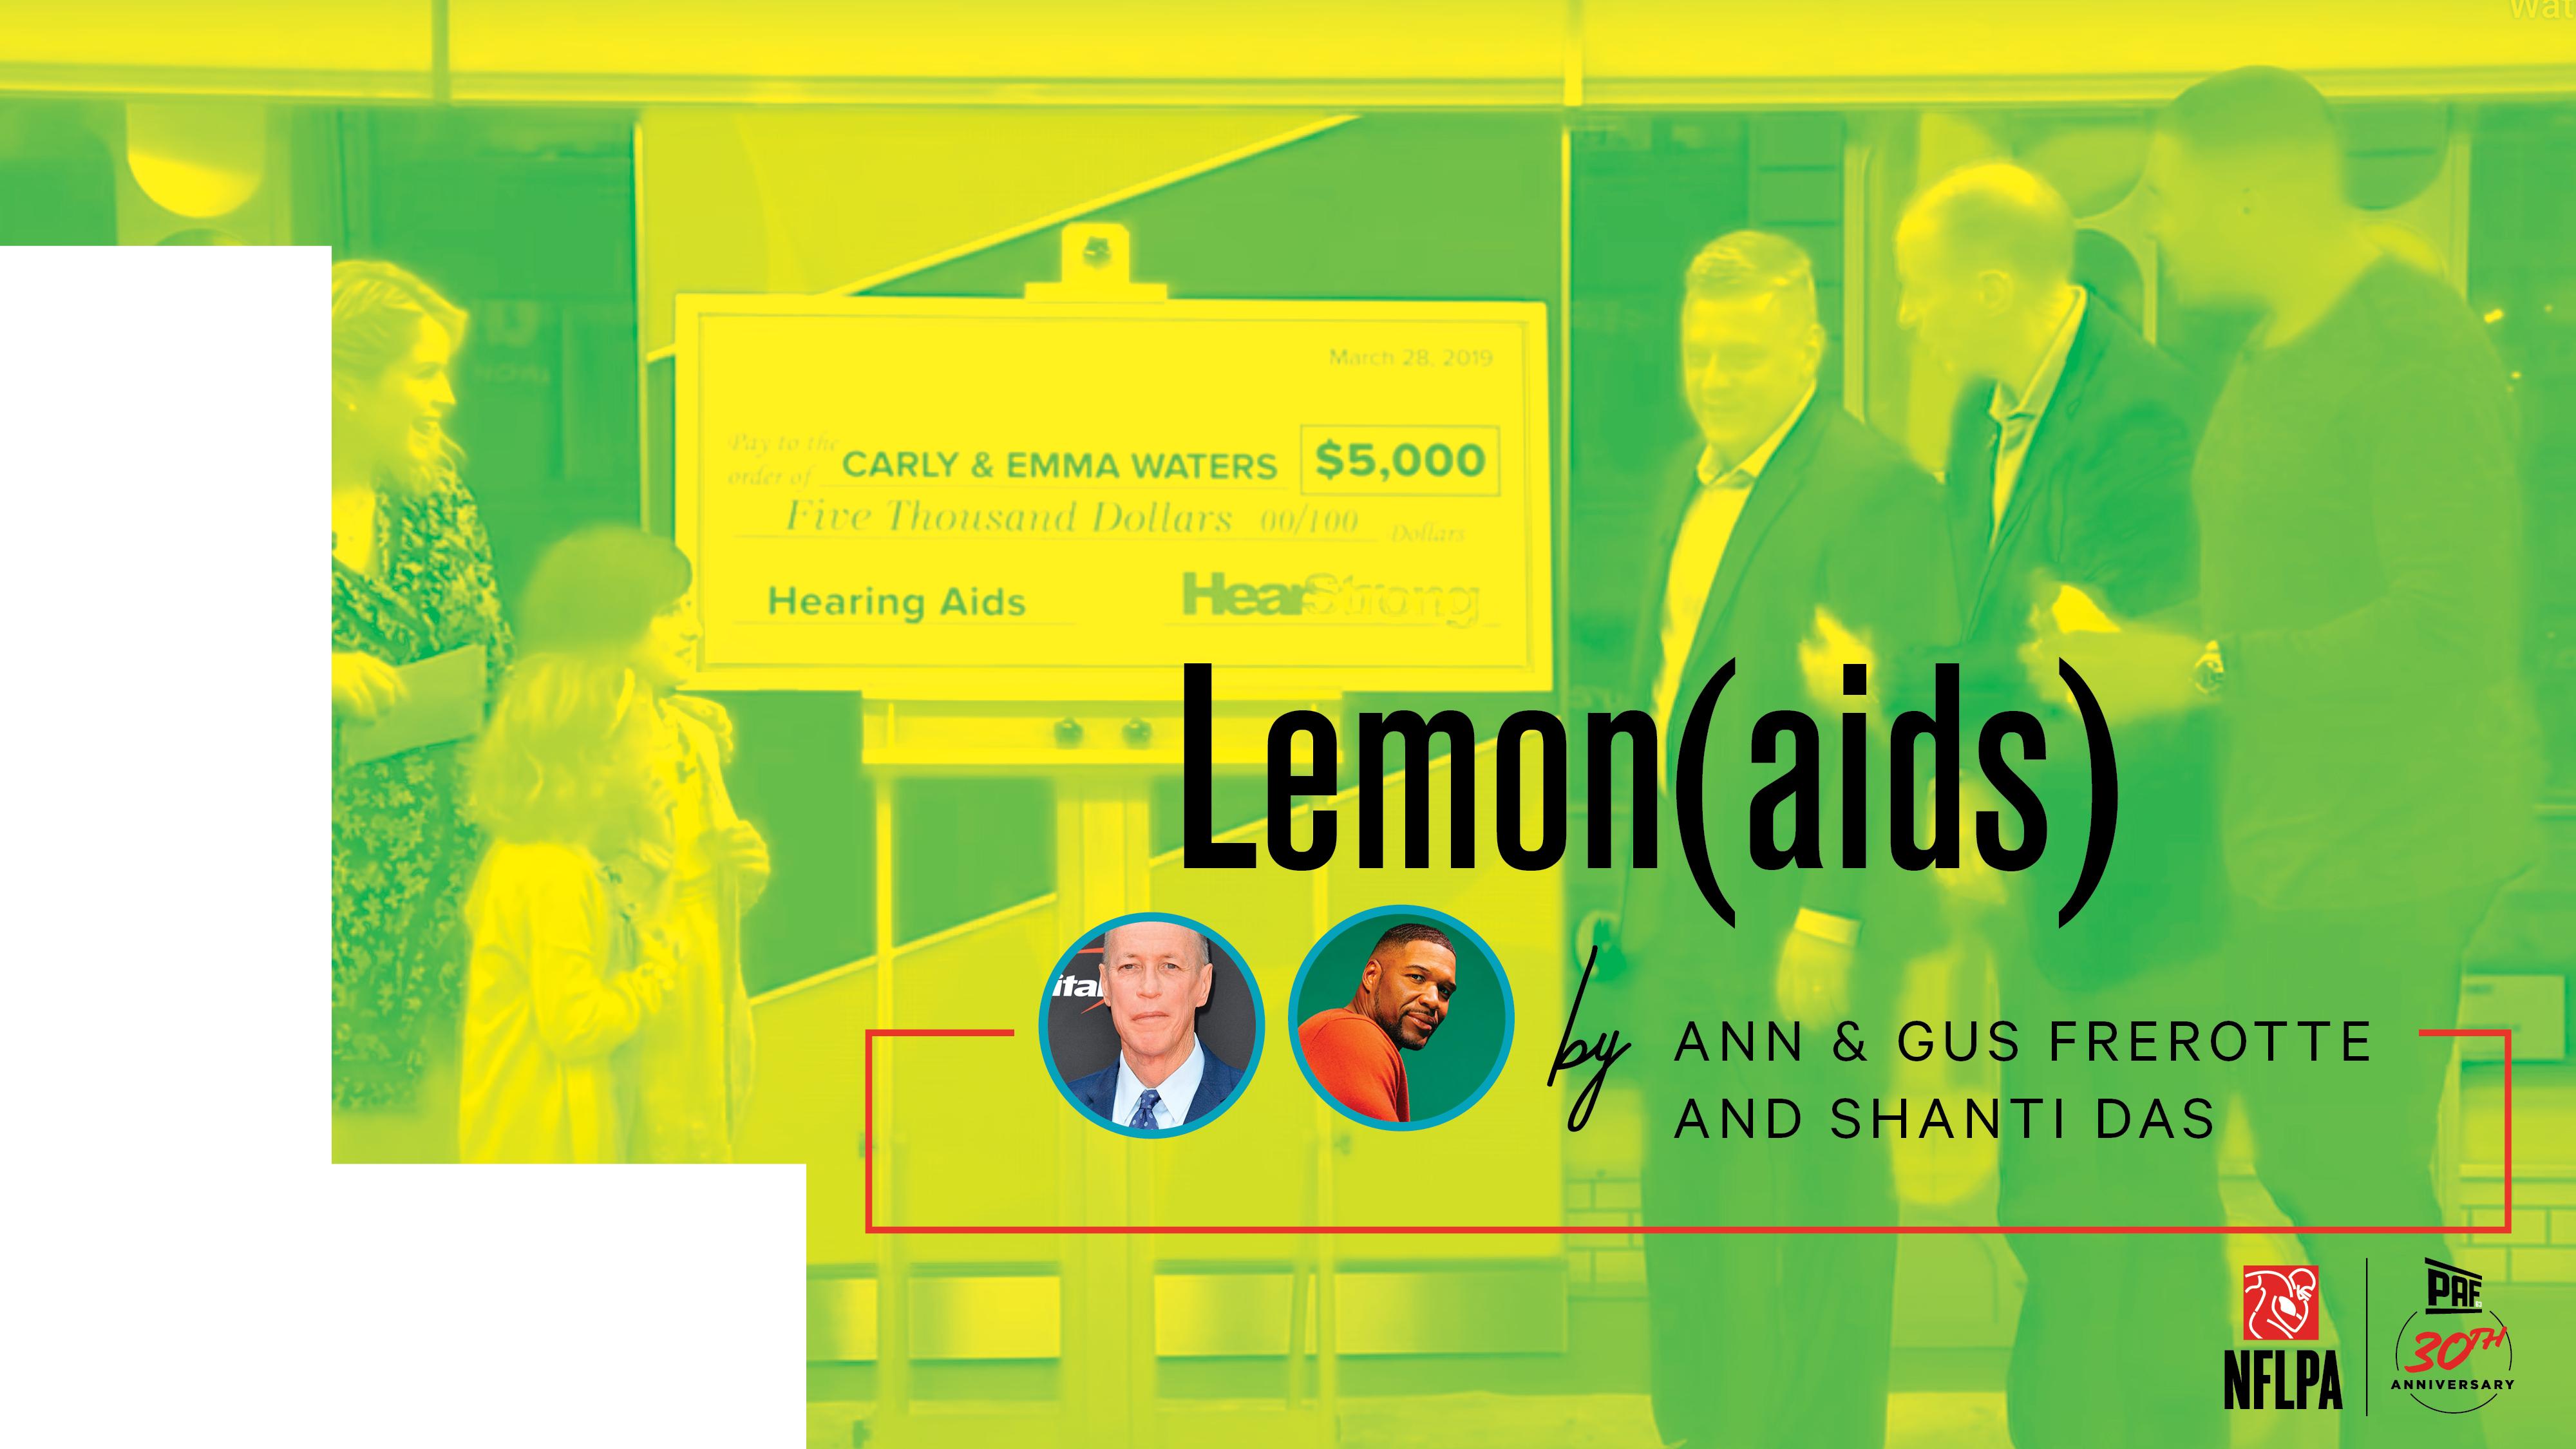 Lemon-aids